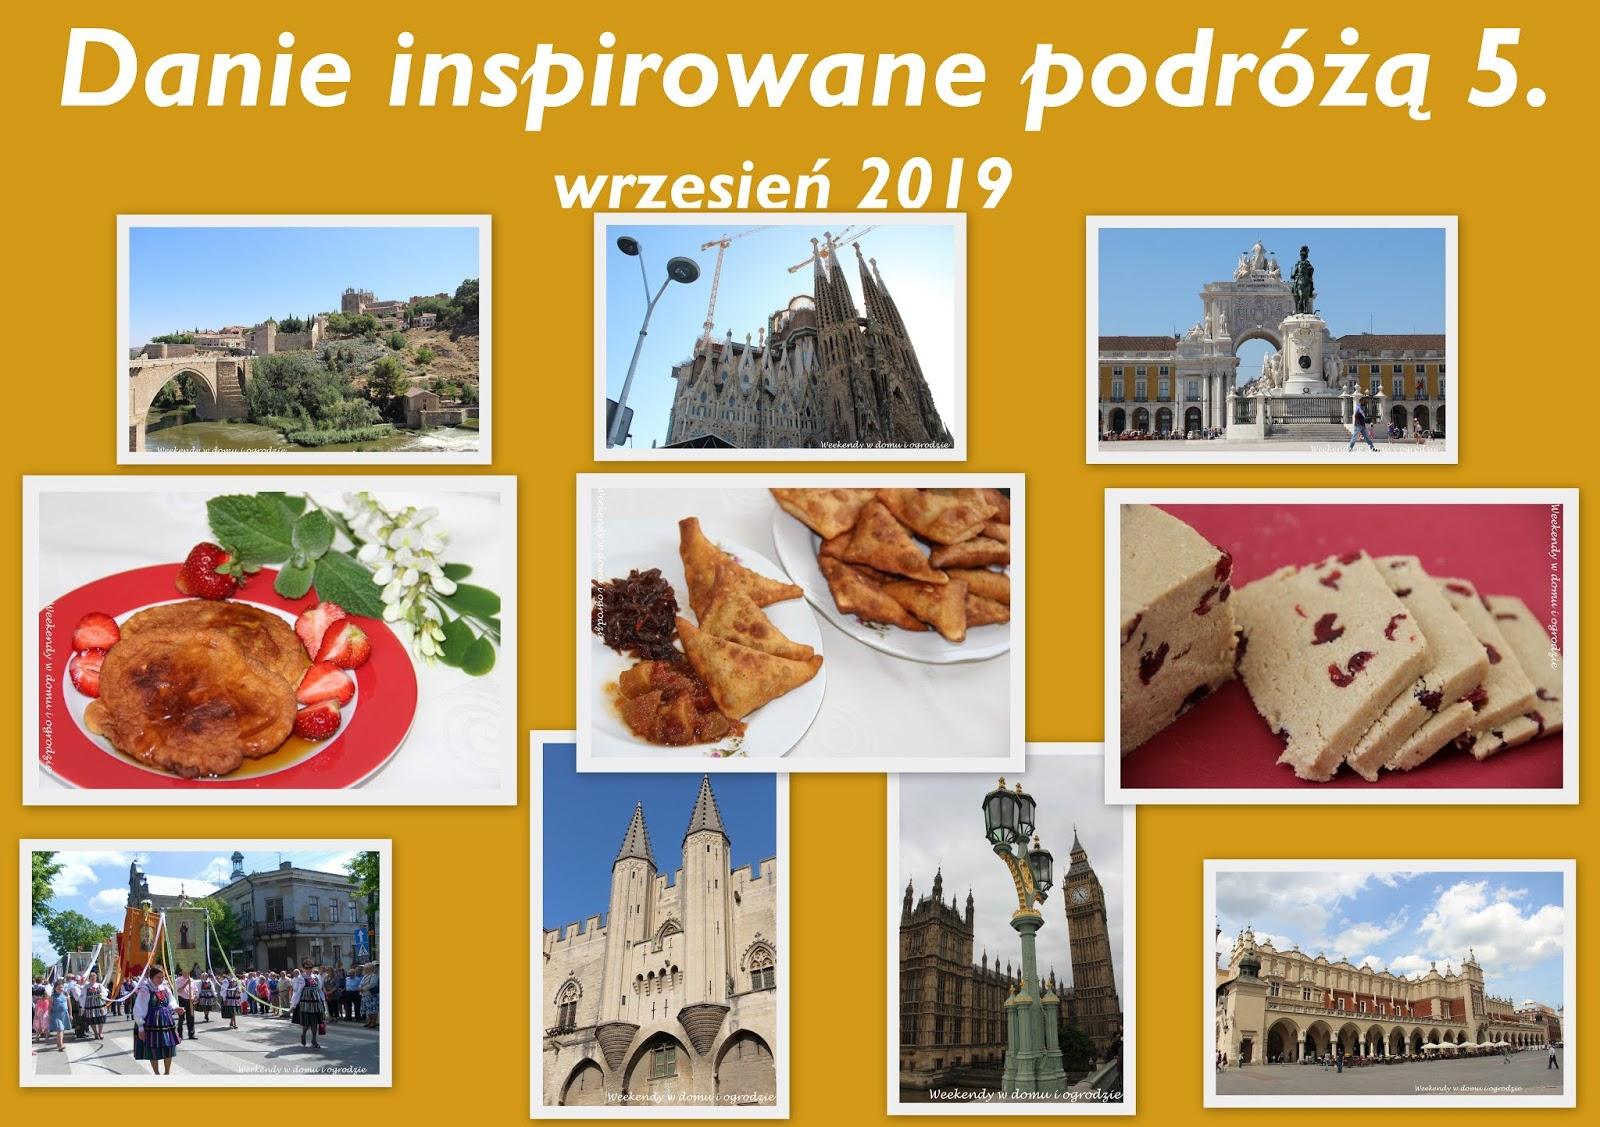 https://weekendywdomuiogrodzie.blogspot.com/2019/08/danie-inspirowane-podroza-5-zaproszenie.html